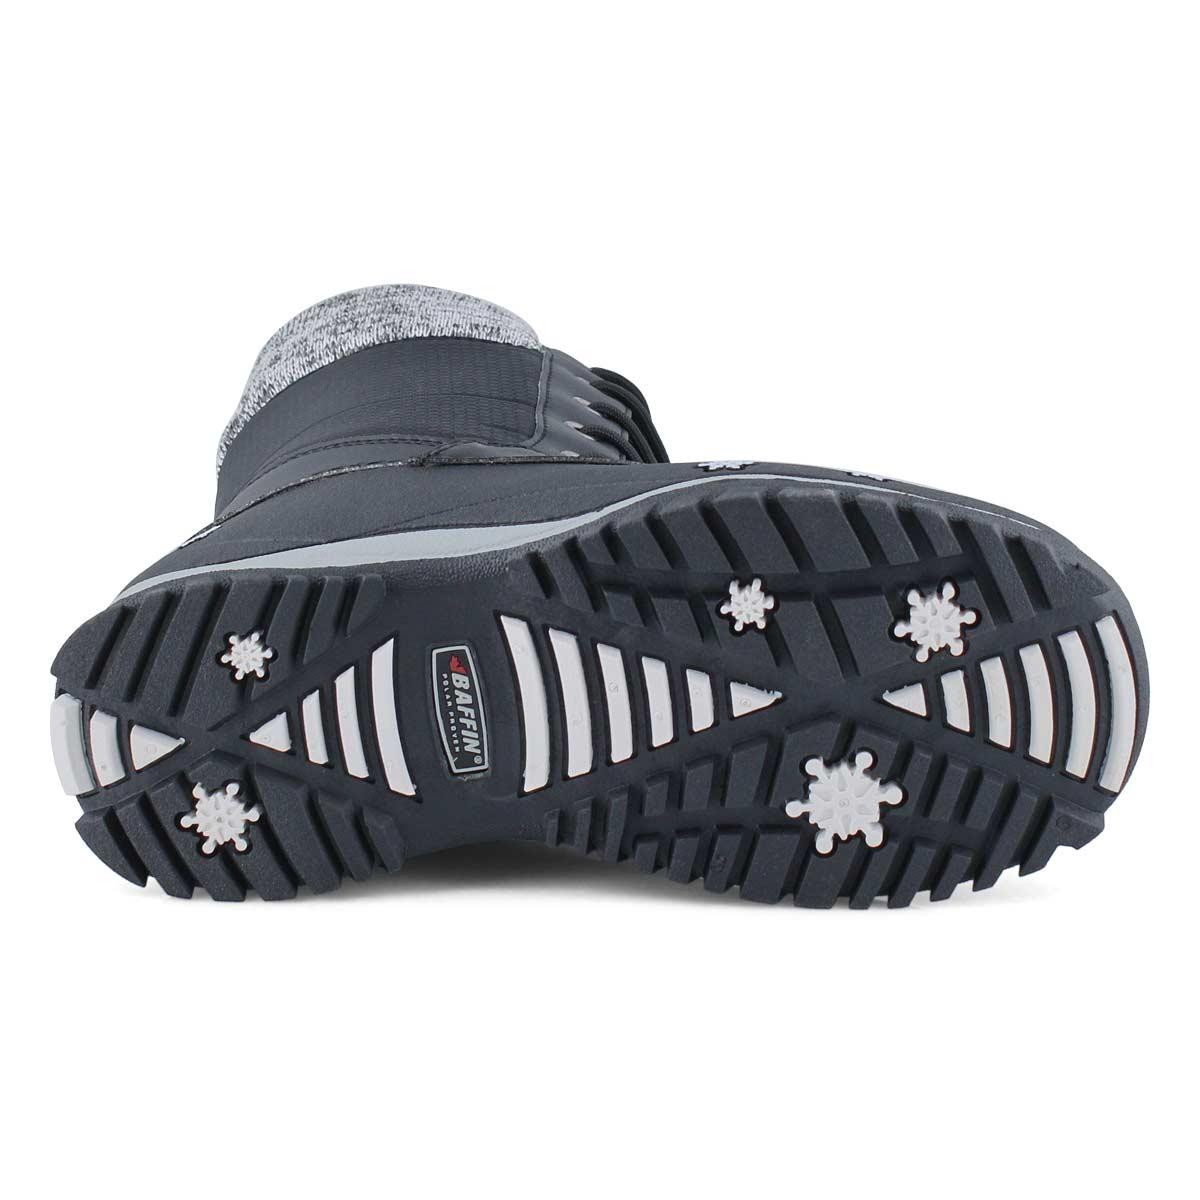 Girls' AVERY black waterproof winter boots